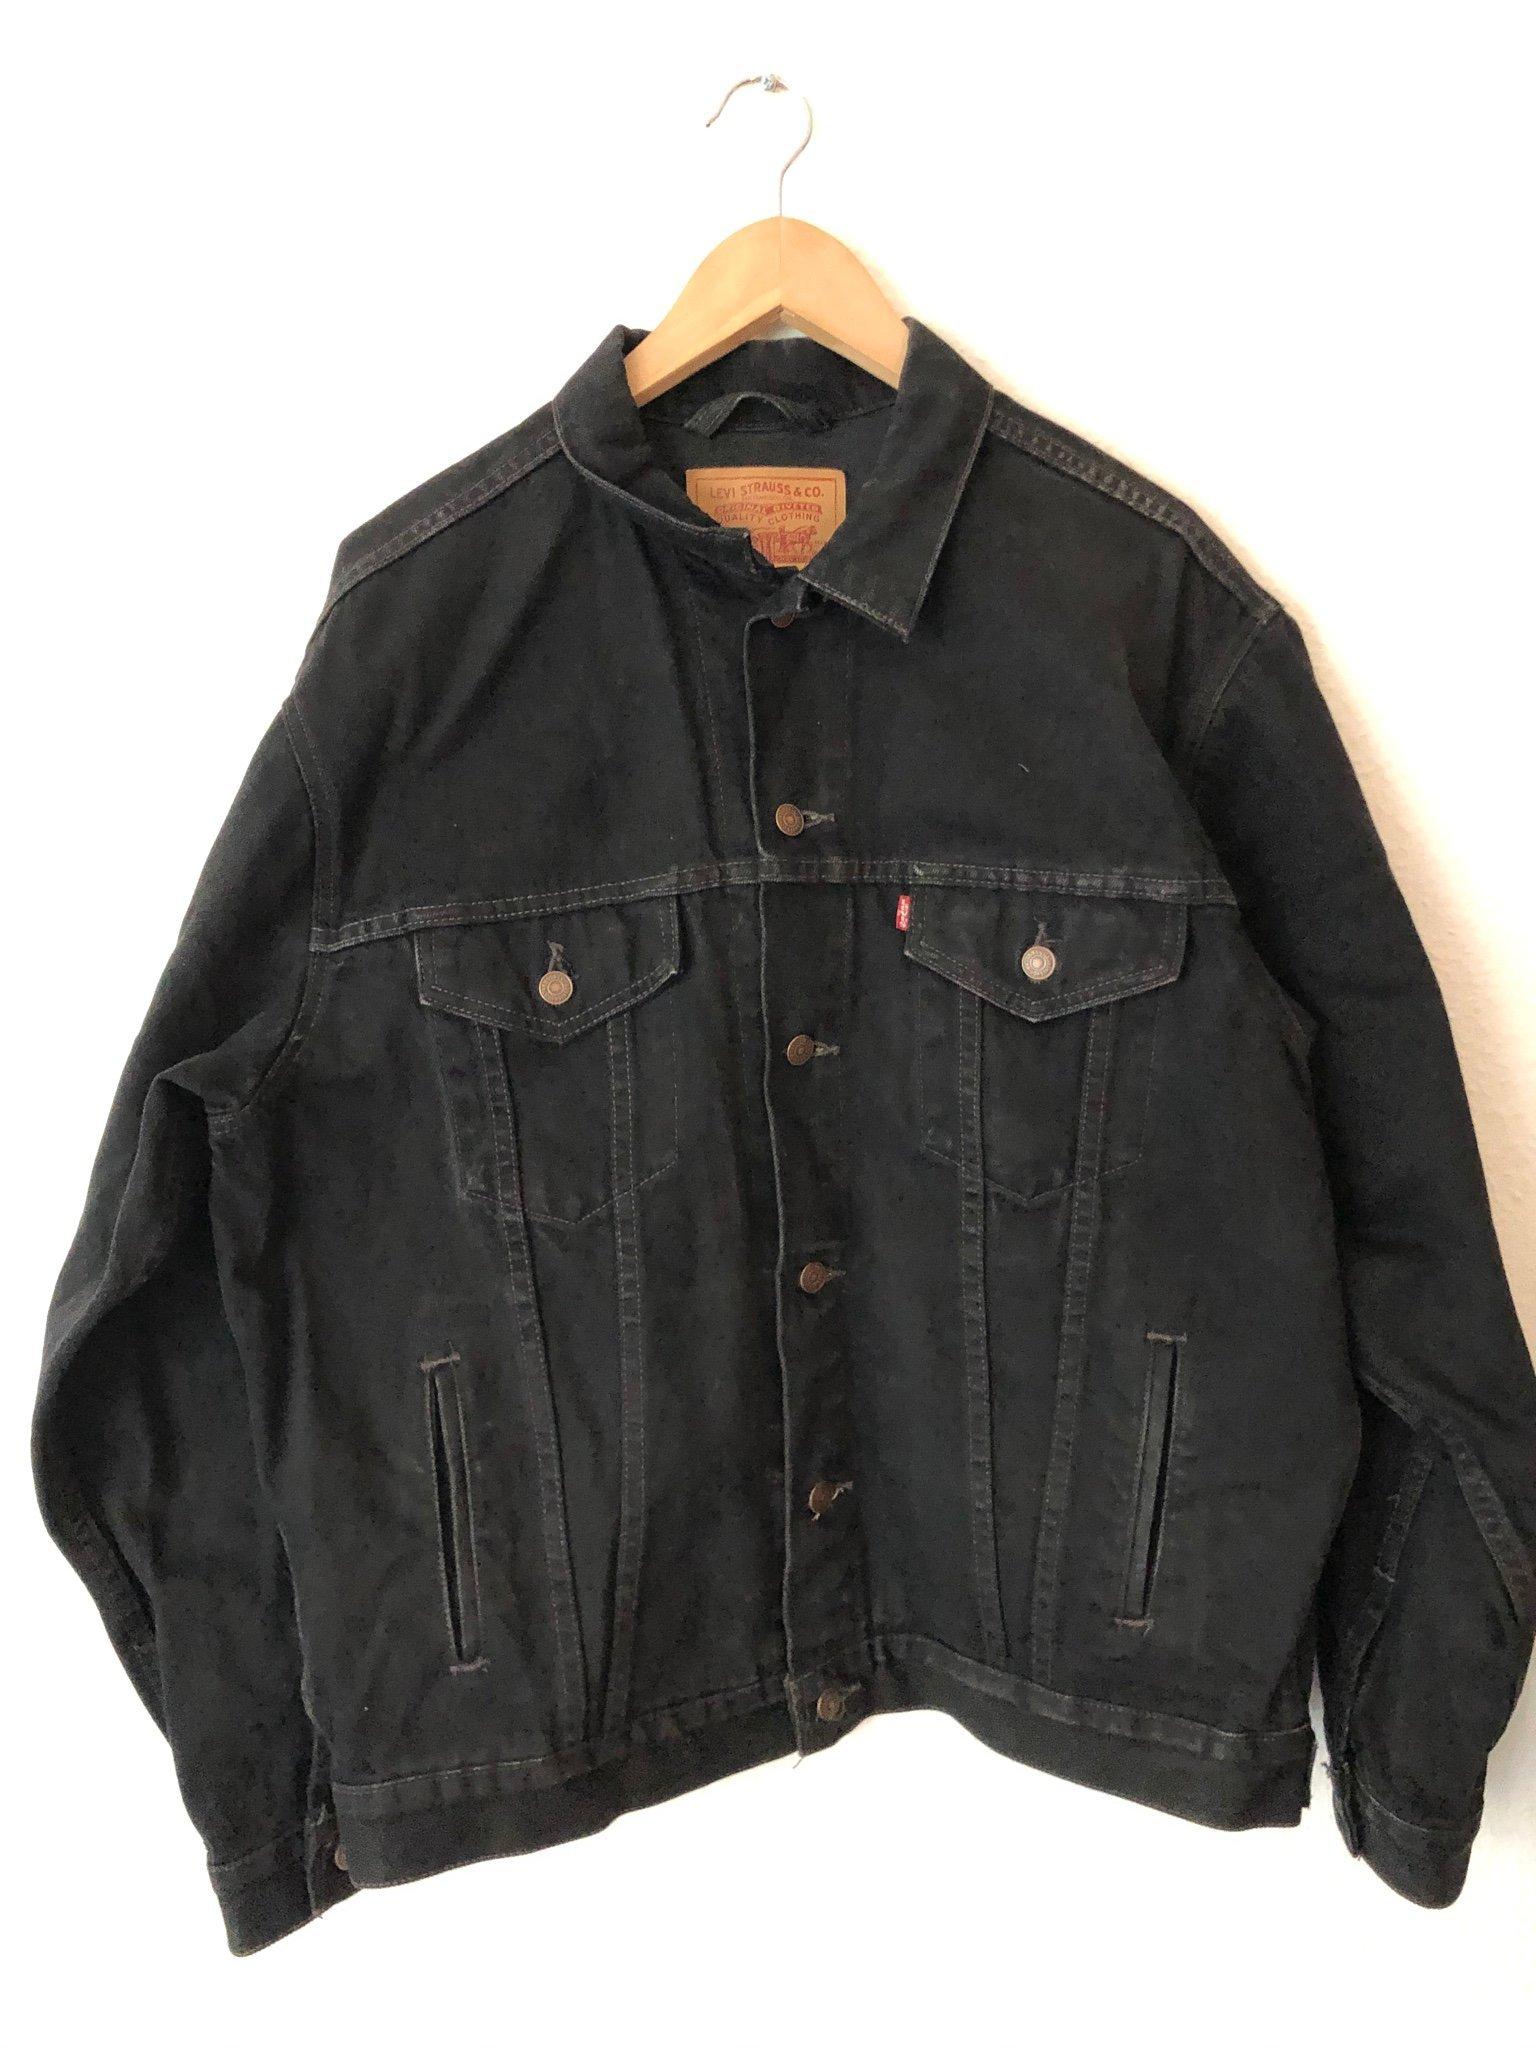 släpp information om billigt pris anländer Levis jeansjacka svart large (384665501) ᐈ Köp på Tradera